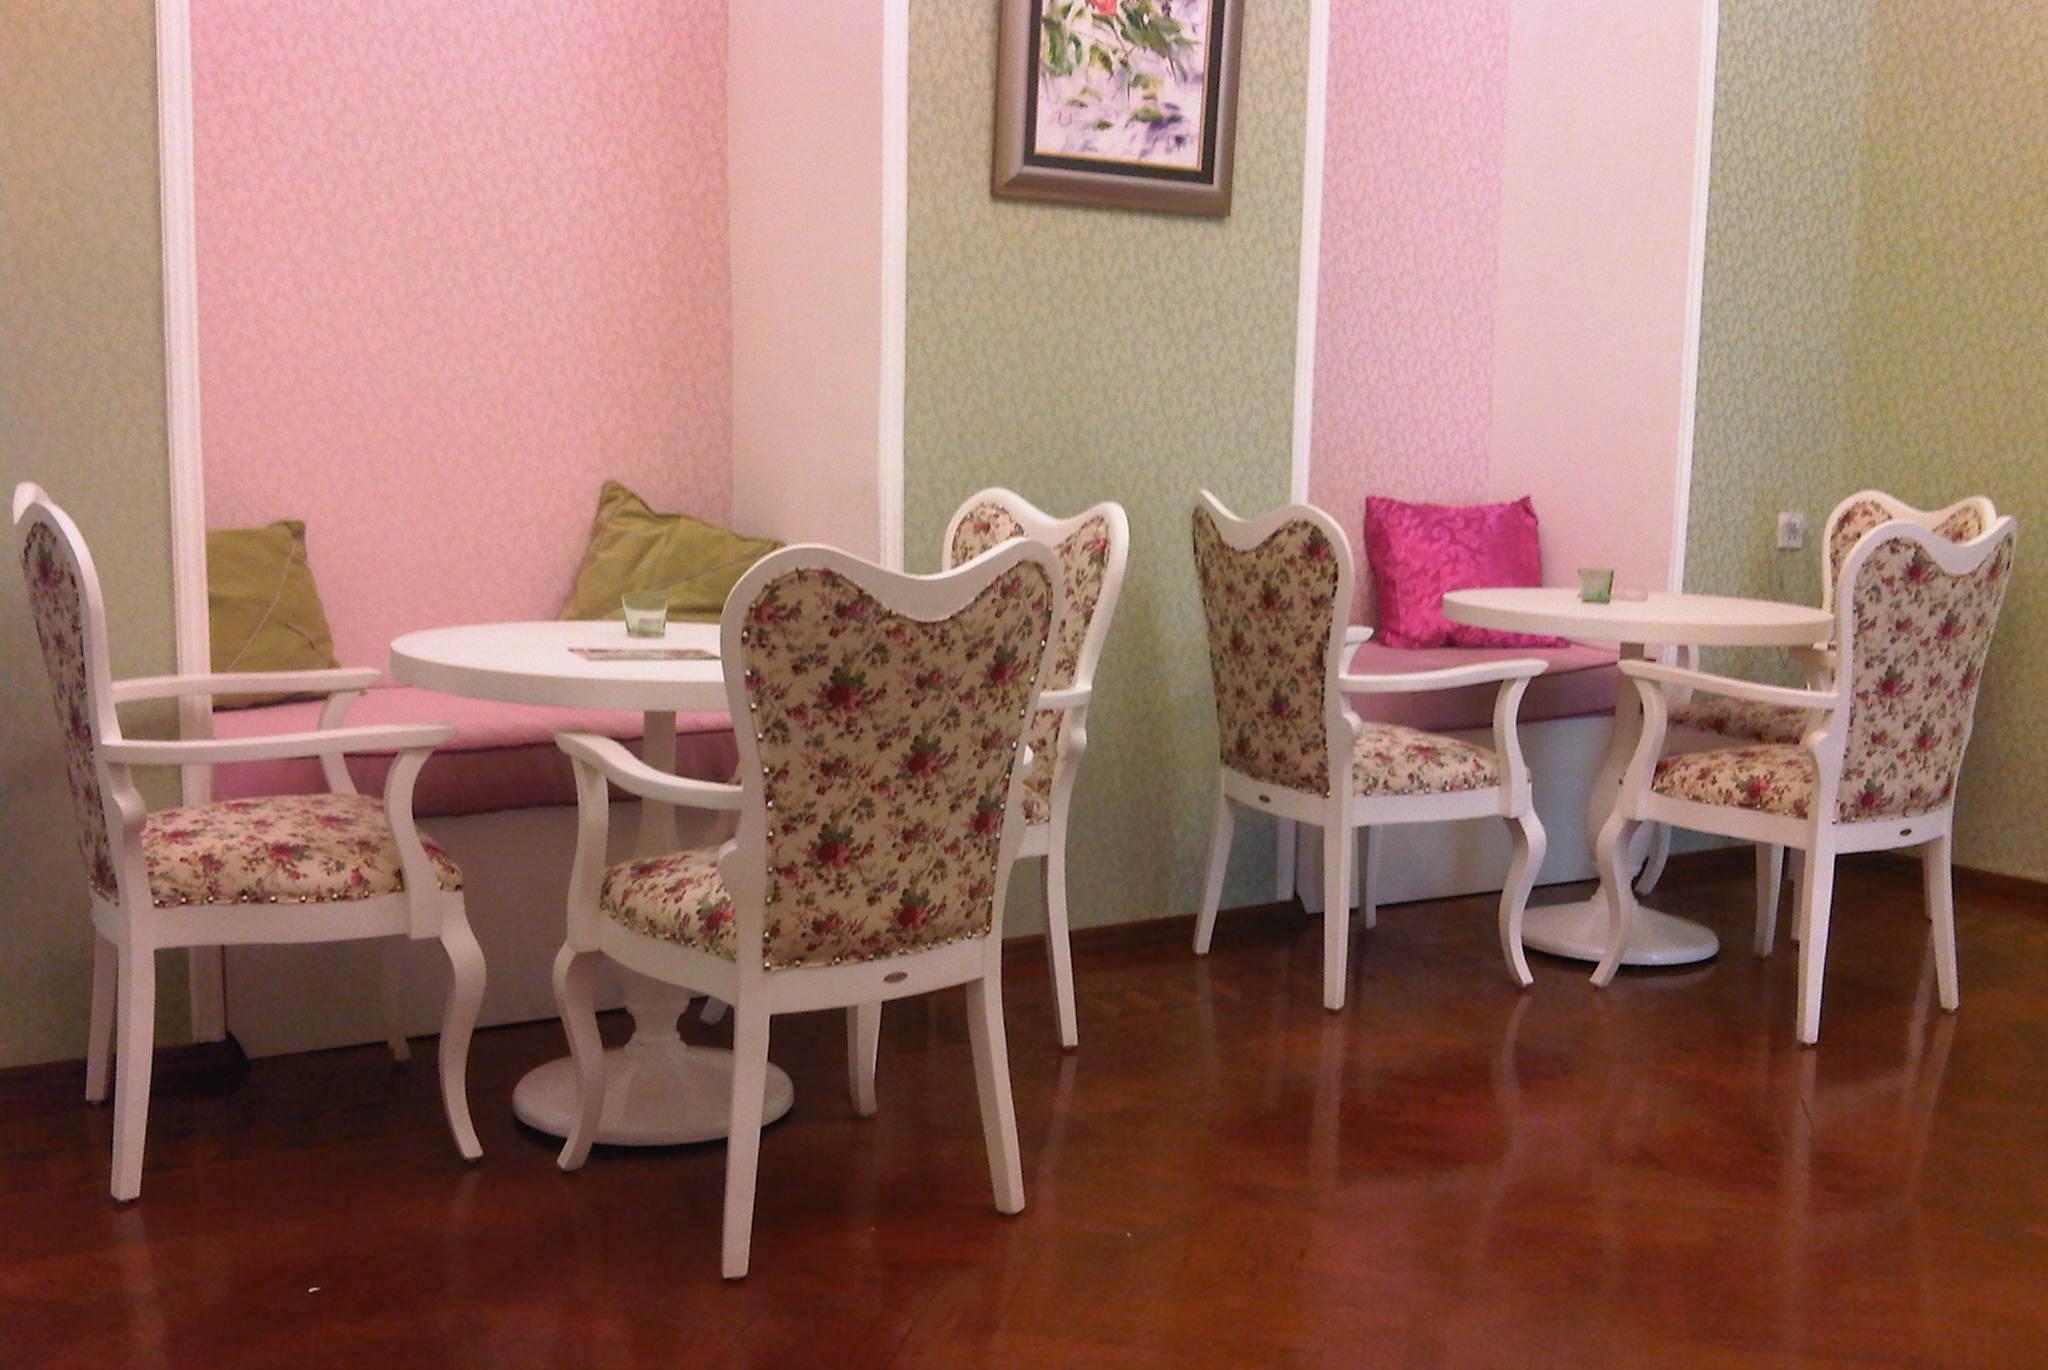 wande streichen ideen pink verschiedene ideen f r die raumgestaltung inspiration. Black Bedroom Furniture Sets. Home Design Ideas